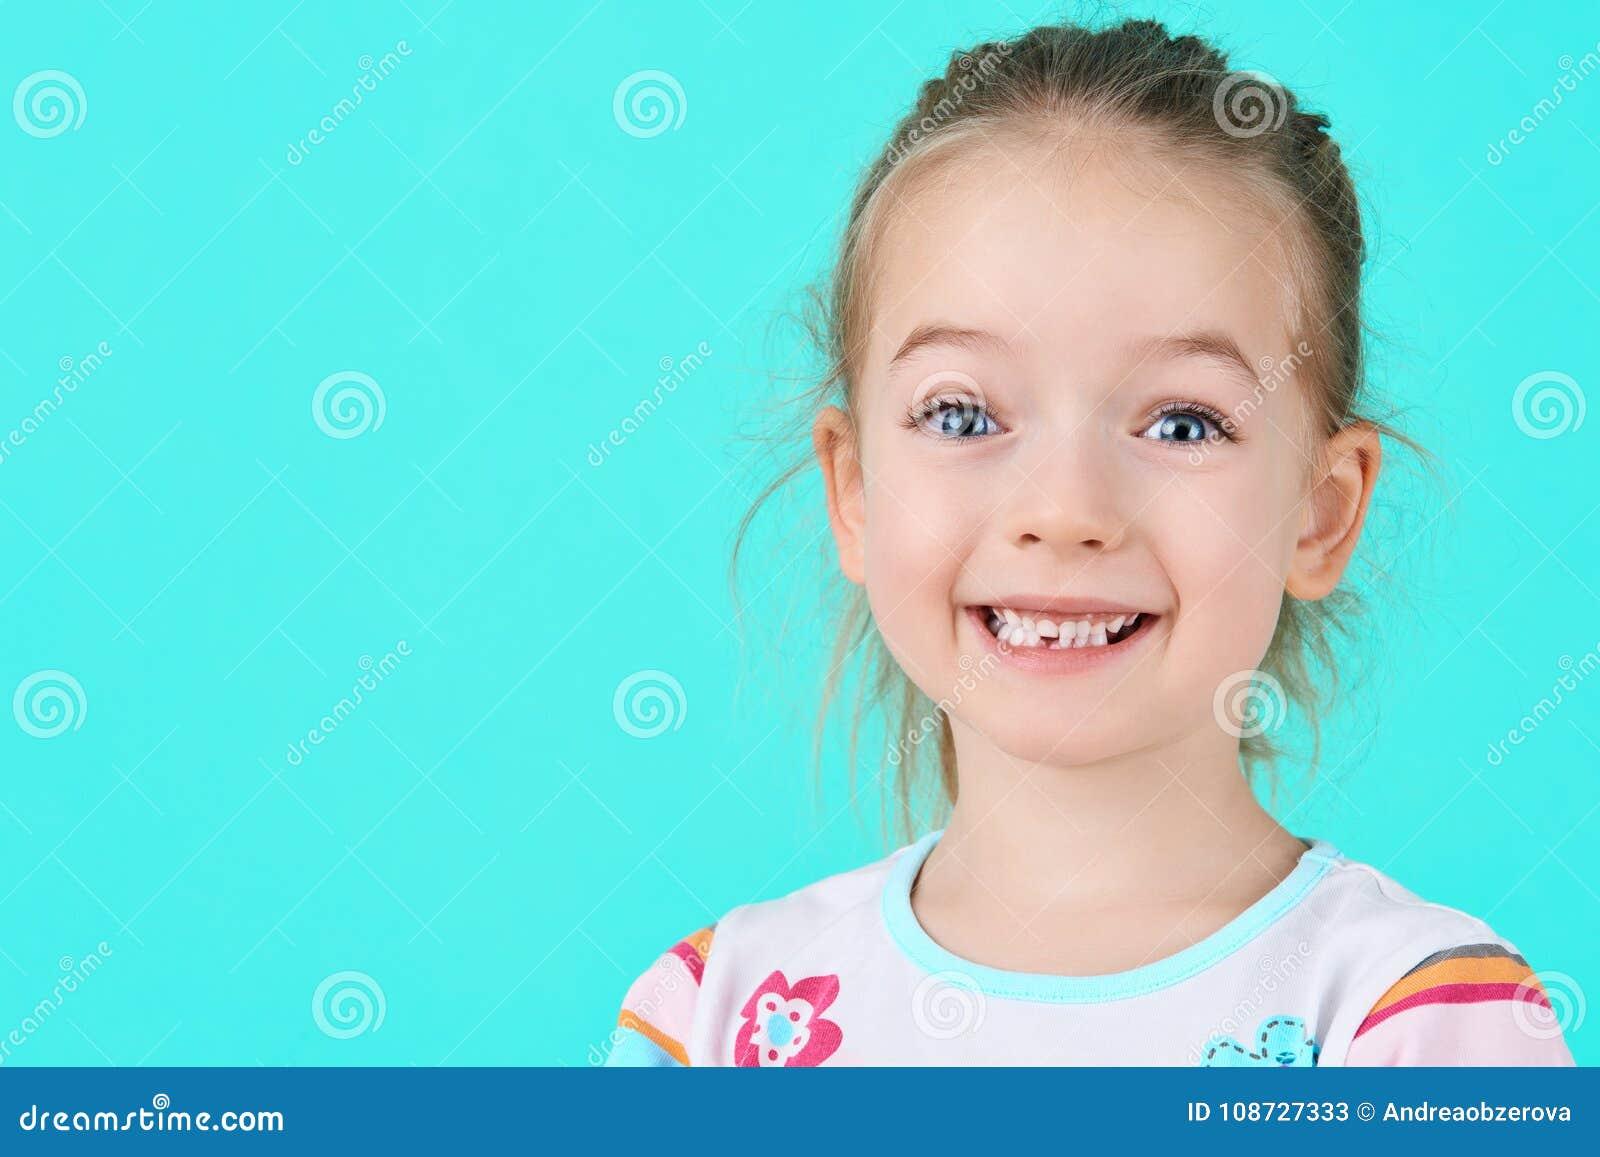 La niña adorable que sonreía y que mostraba apagado su primera perdió el diente de leche Retrato lindo del preescolar